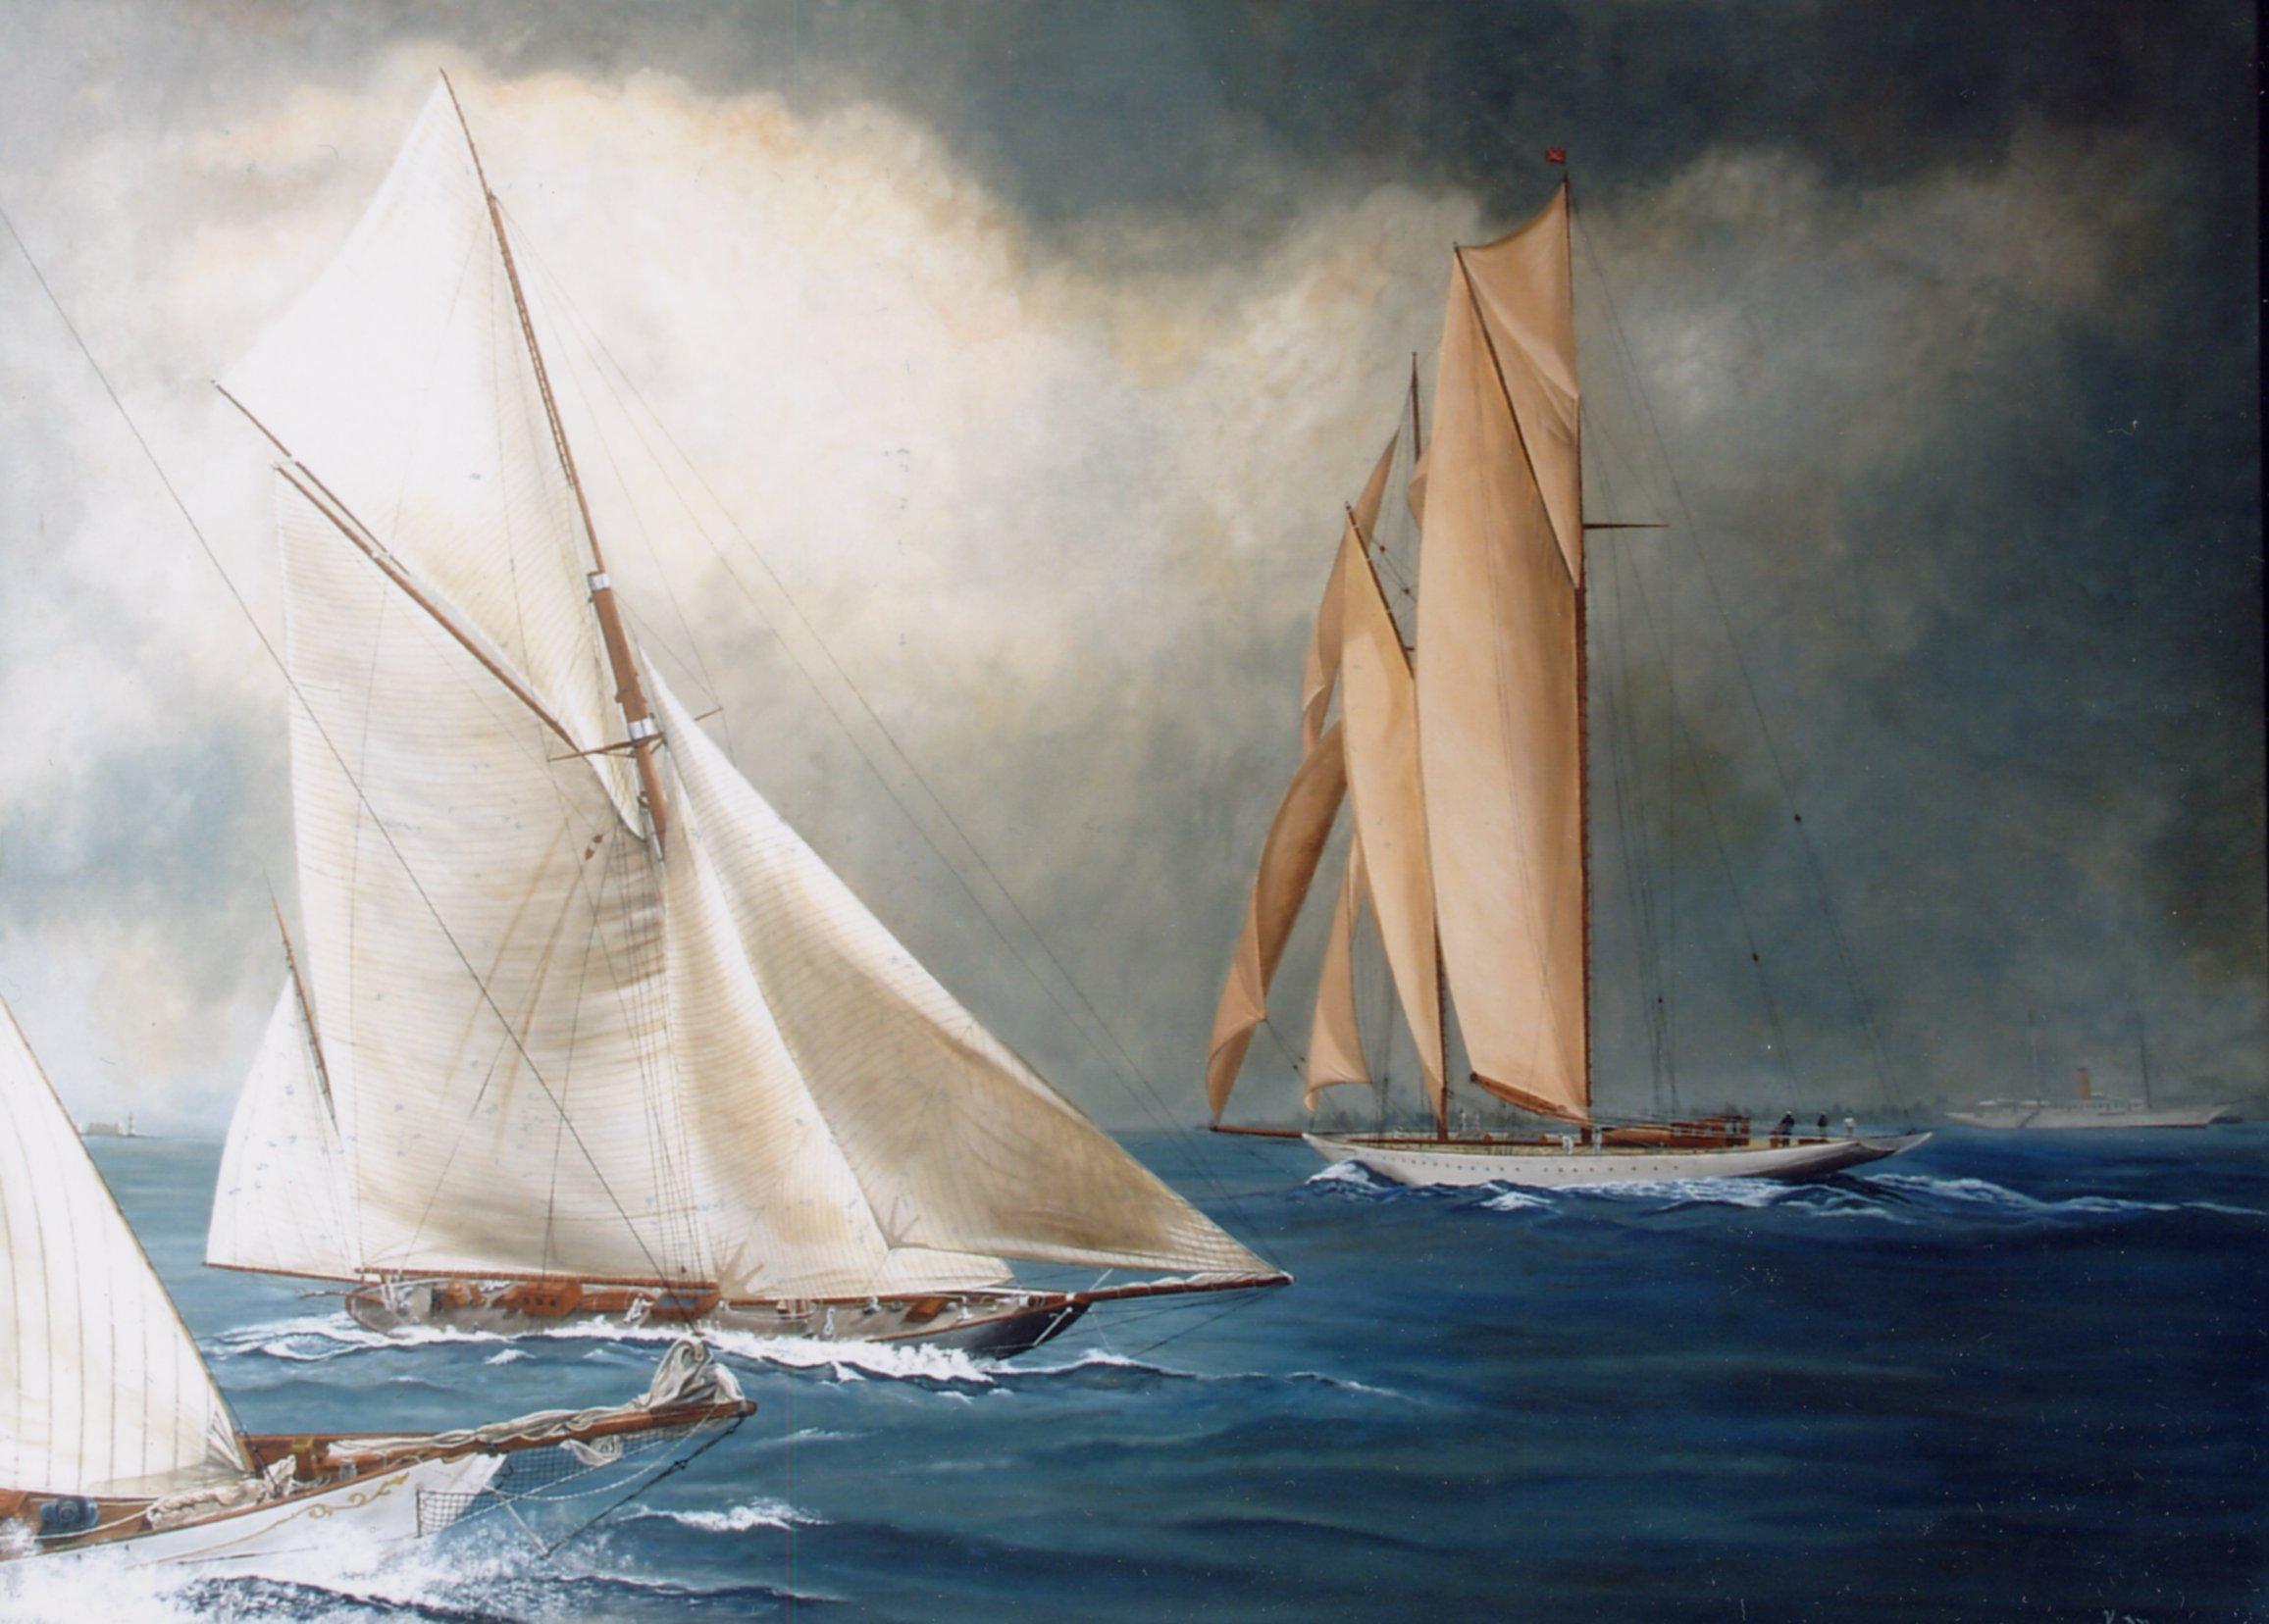 Θάλασσα, έμπνευση, δημιουργία... Έκθεση εικαστικών των μελών του Ν.Μ.Ε.